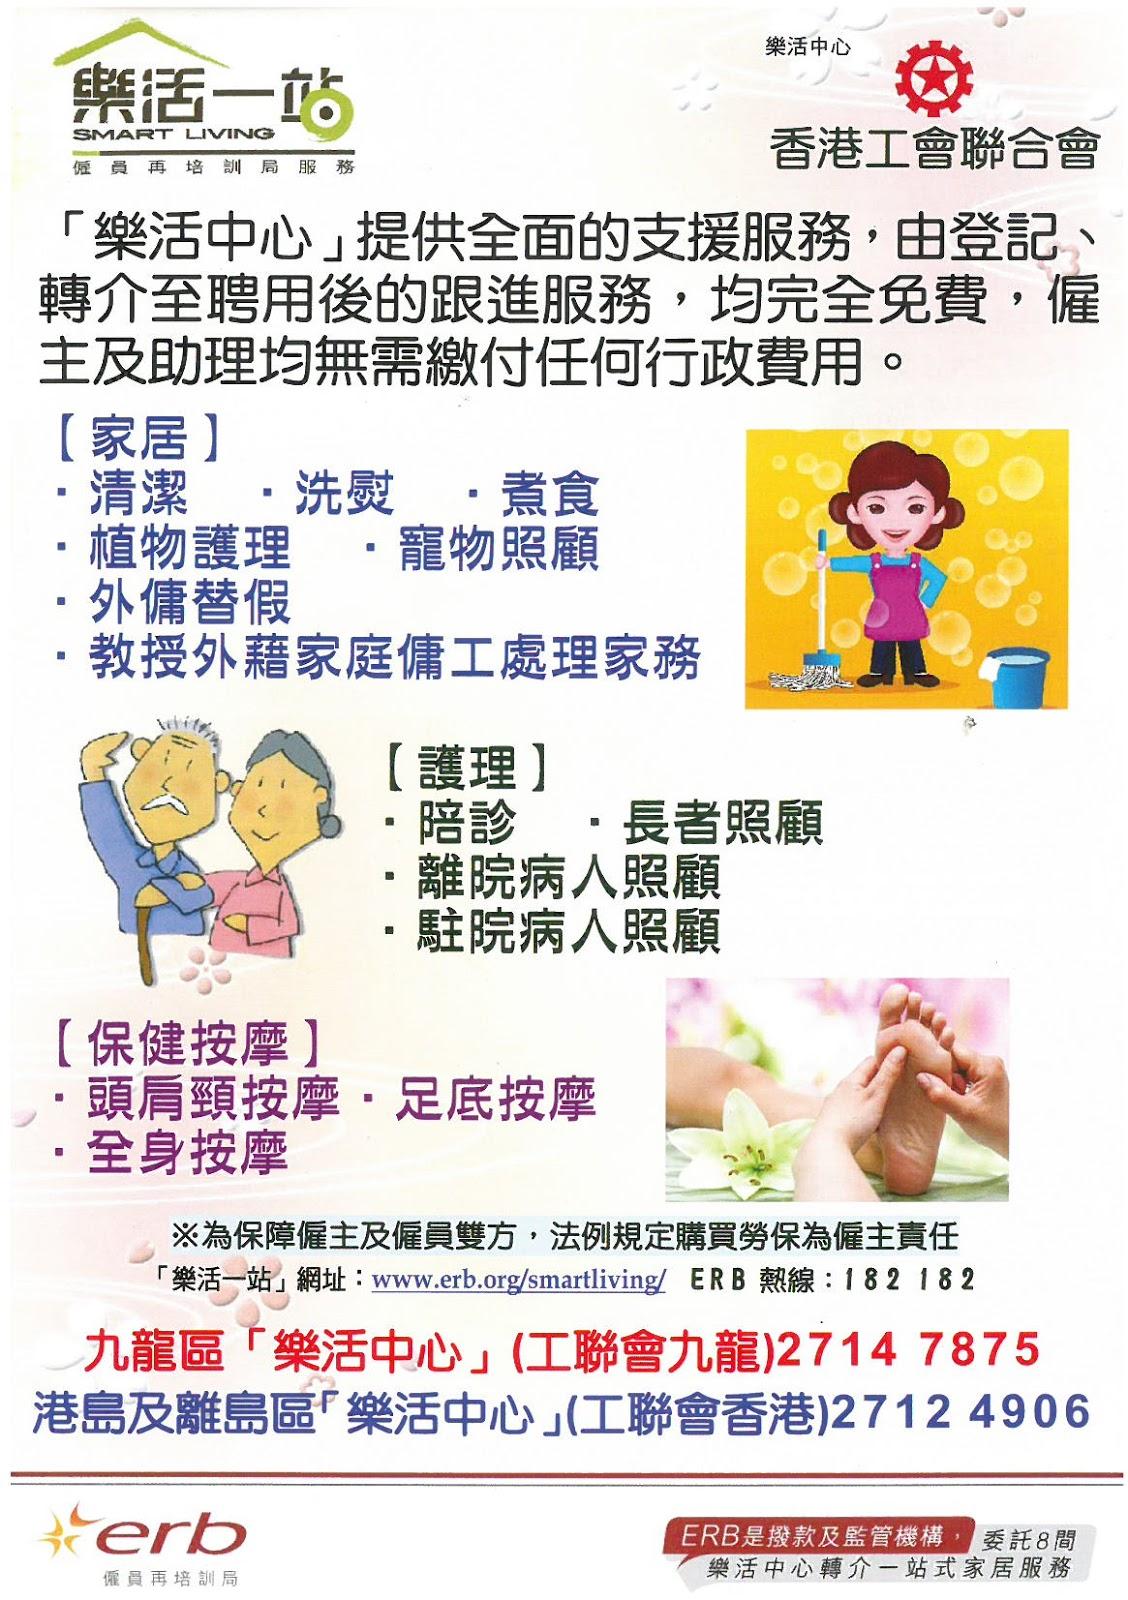 工聯會業餘進修_KP中心課程: 香港工會聯合會~樂活中心